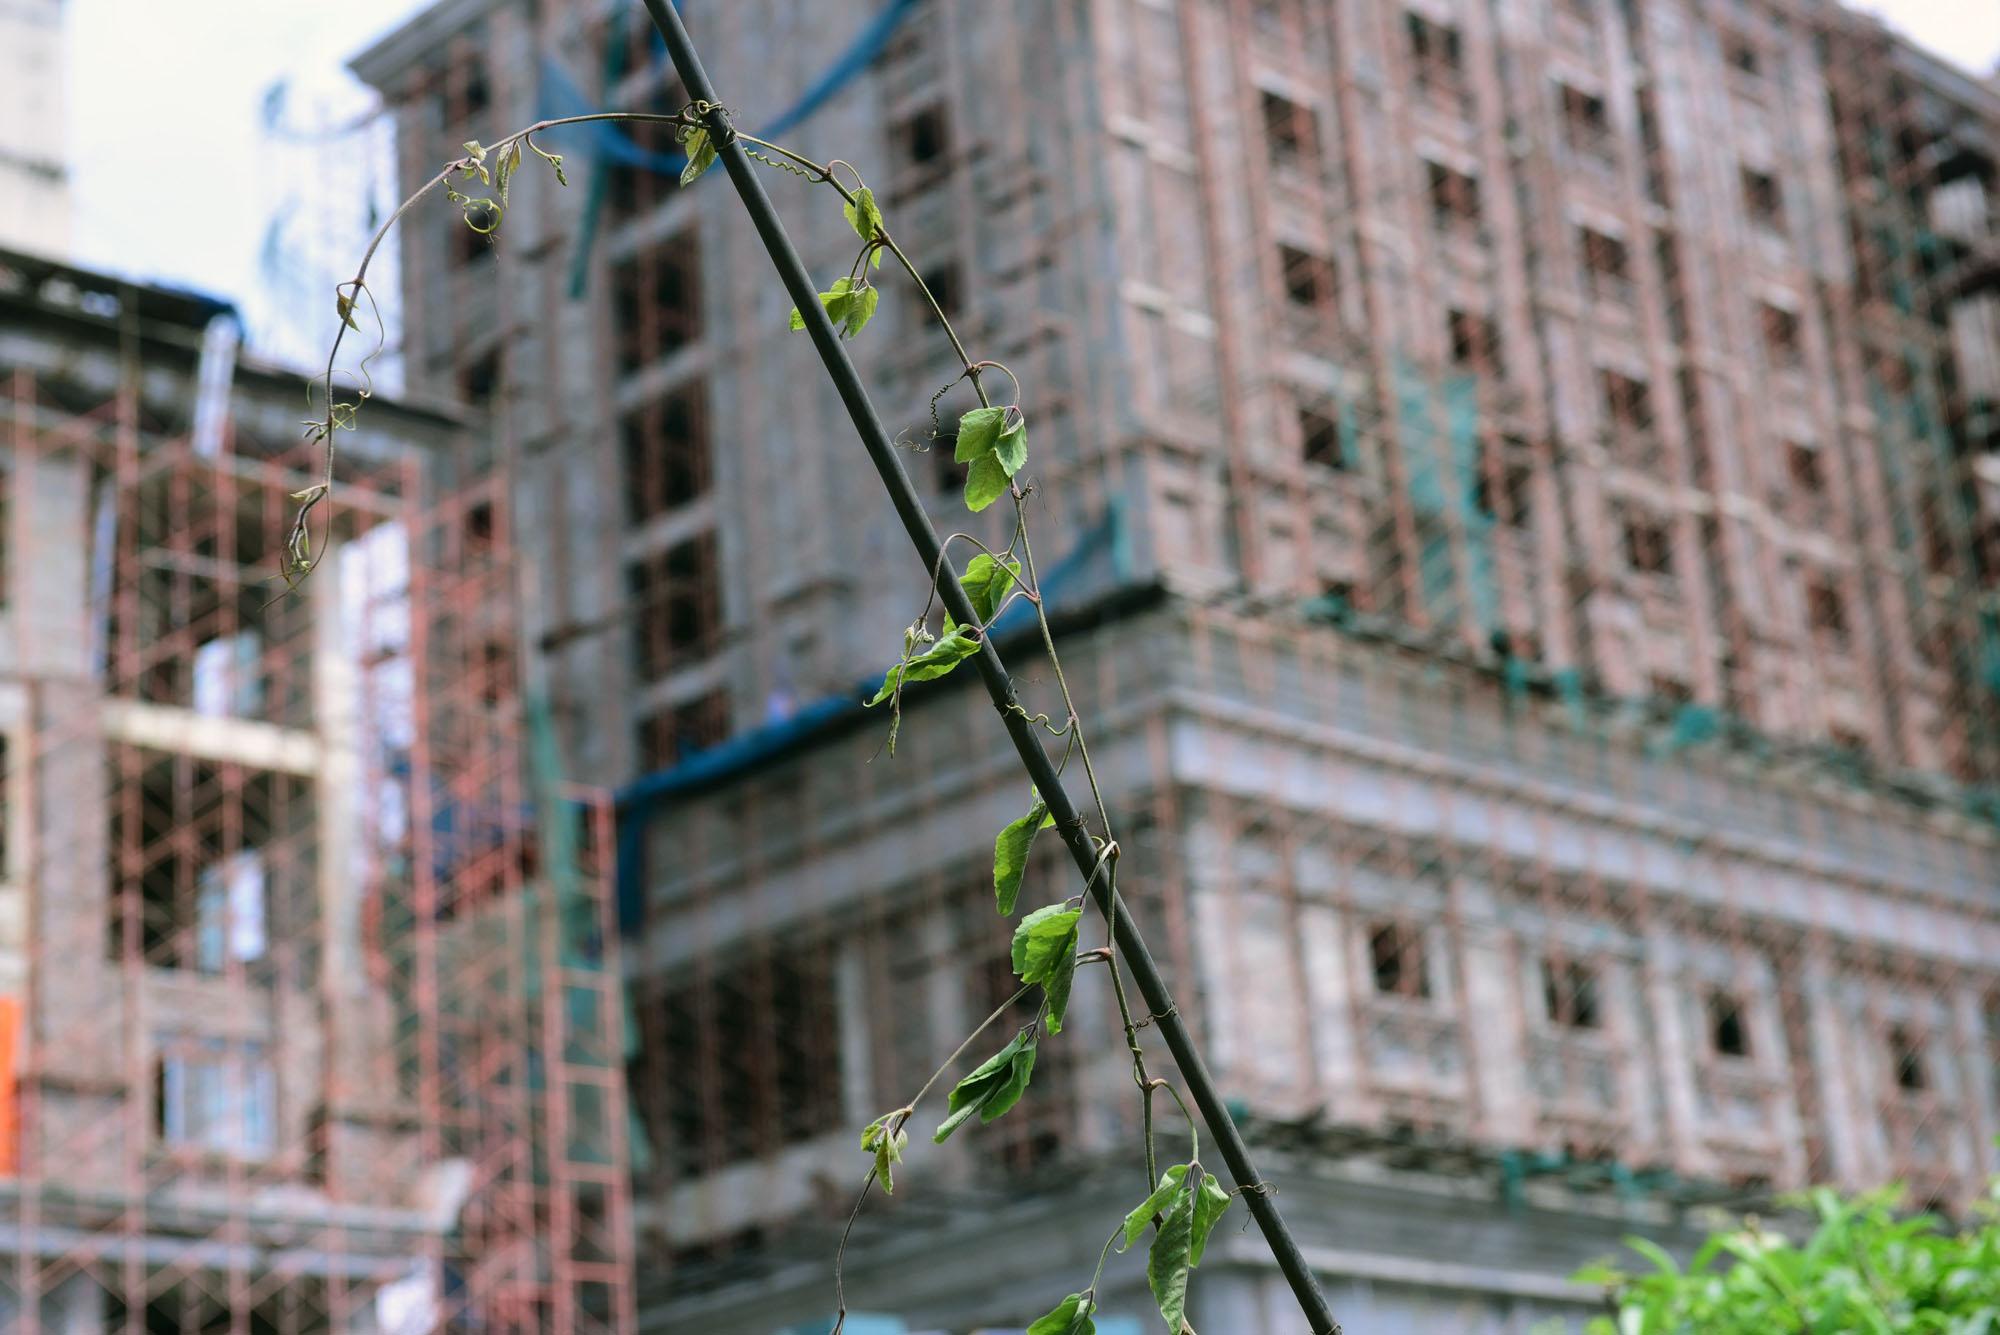 Dự án TTTM Hongkong London trên 'đất vàng' Từ Sơn, Bắc Ninh bỏ hoang nhiều năm - Ảnh 19.